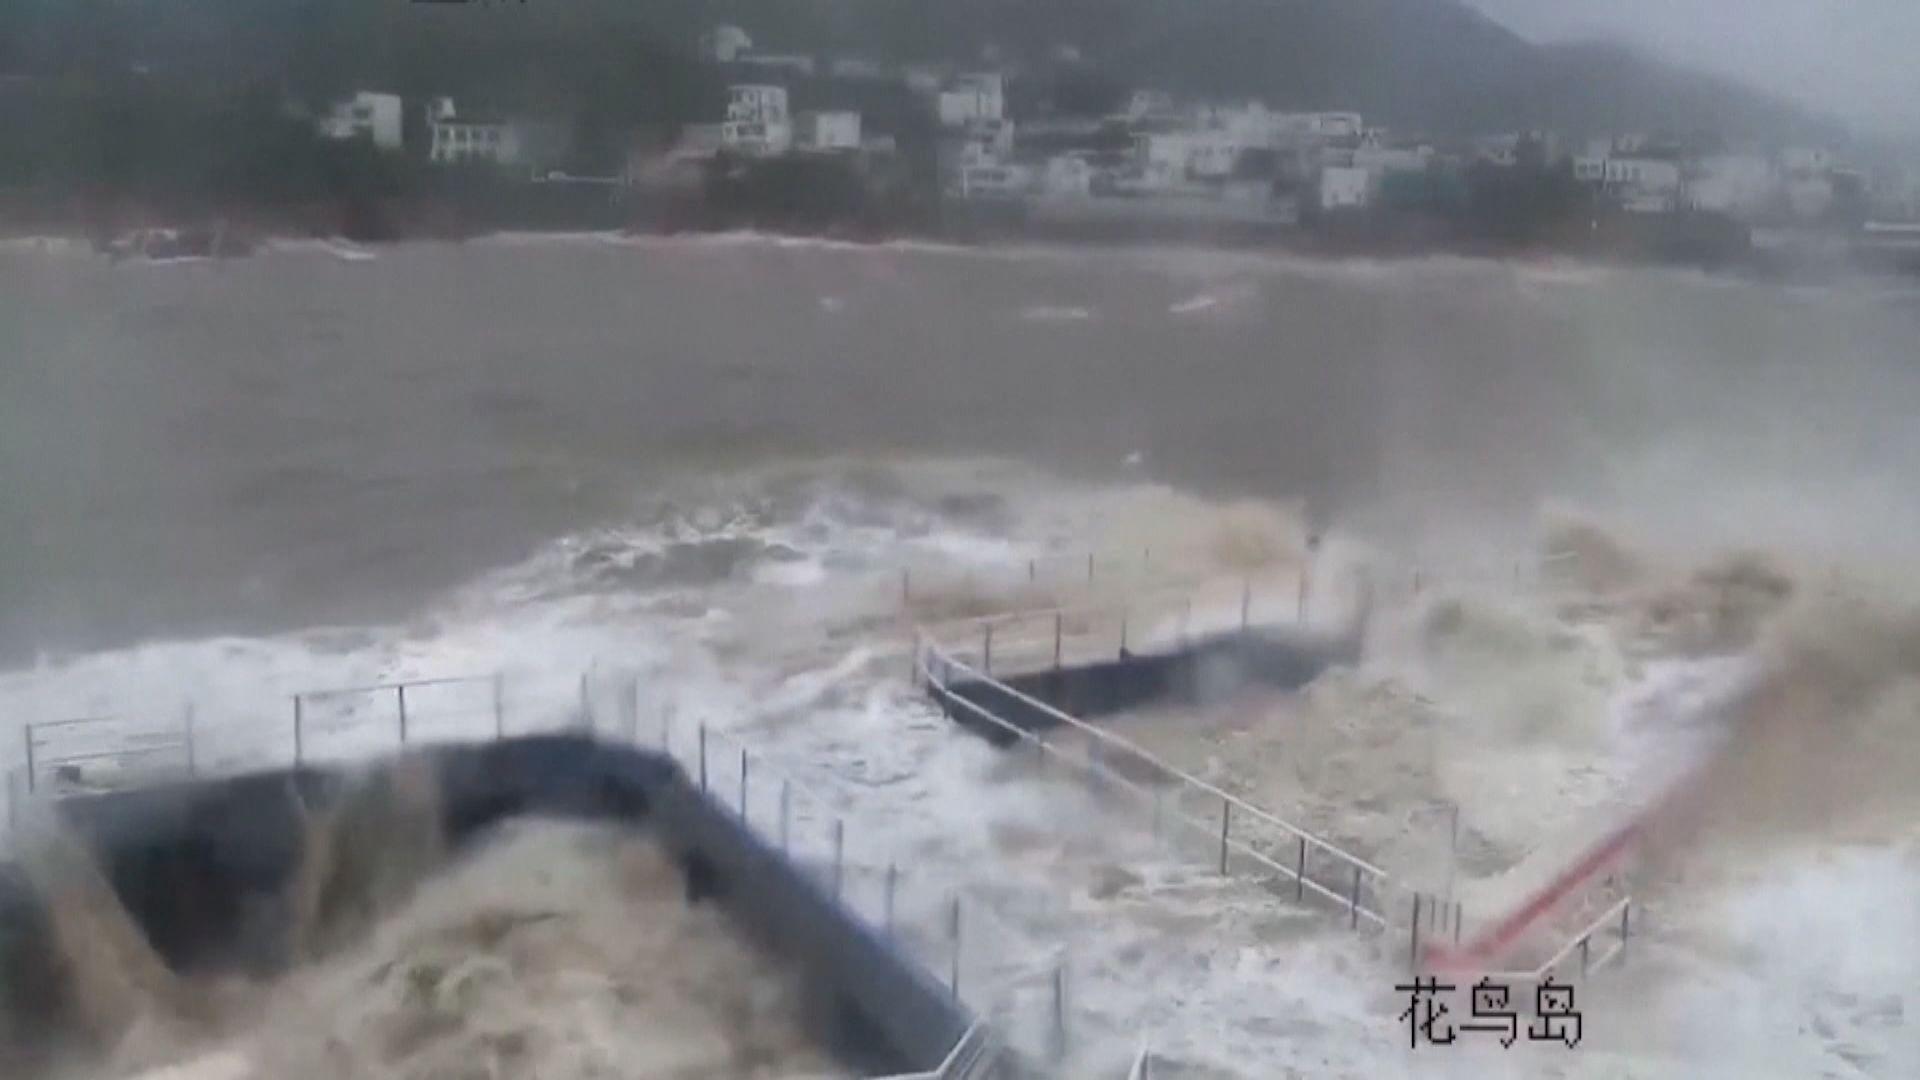 颱風煙花再登陸浙江平湖市 料為華東地區帶來暴雨